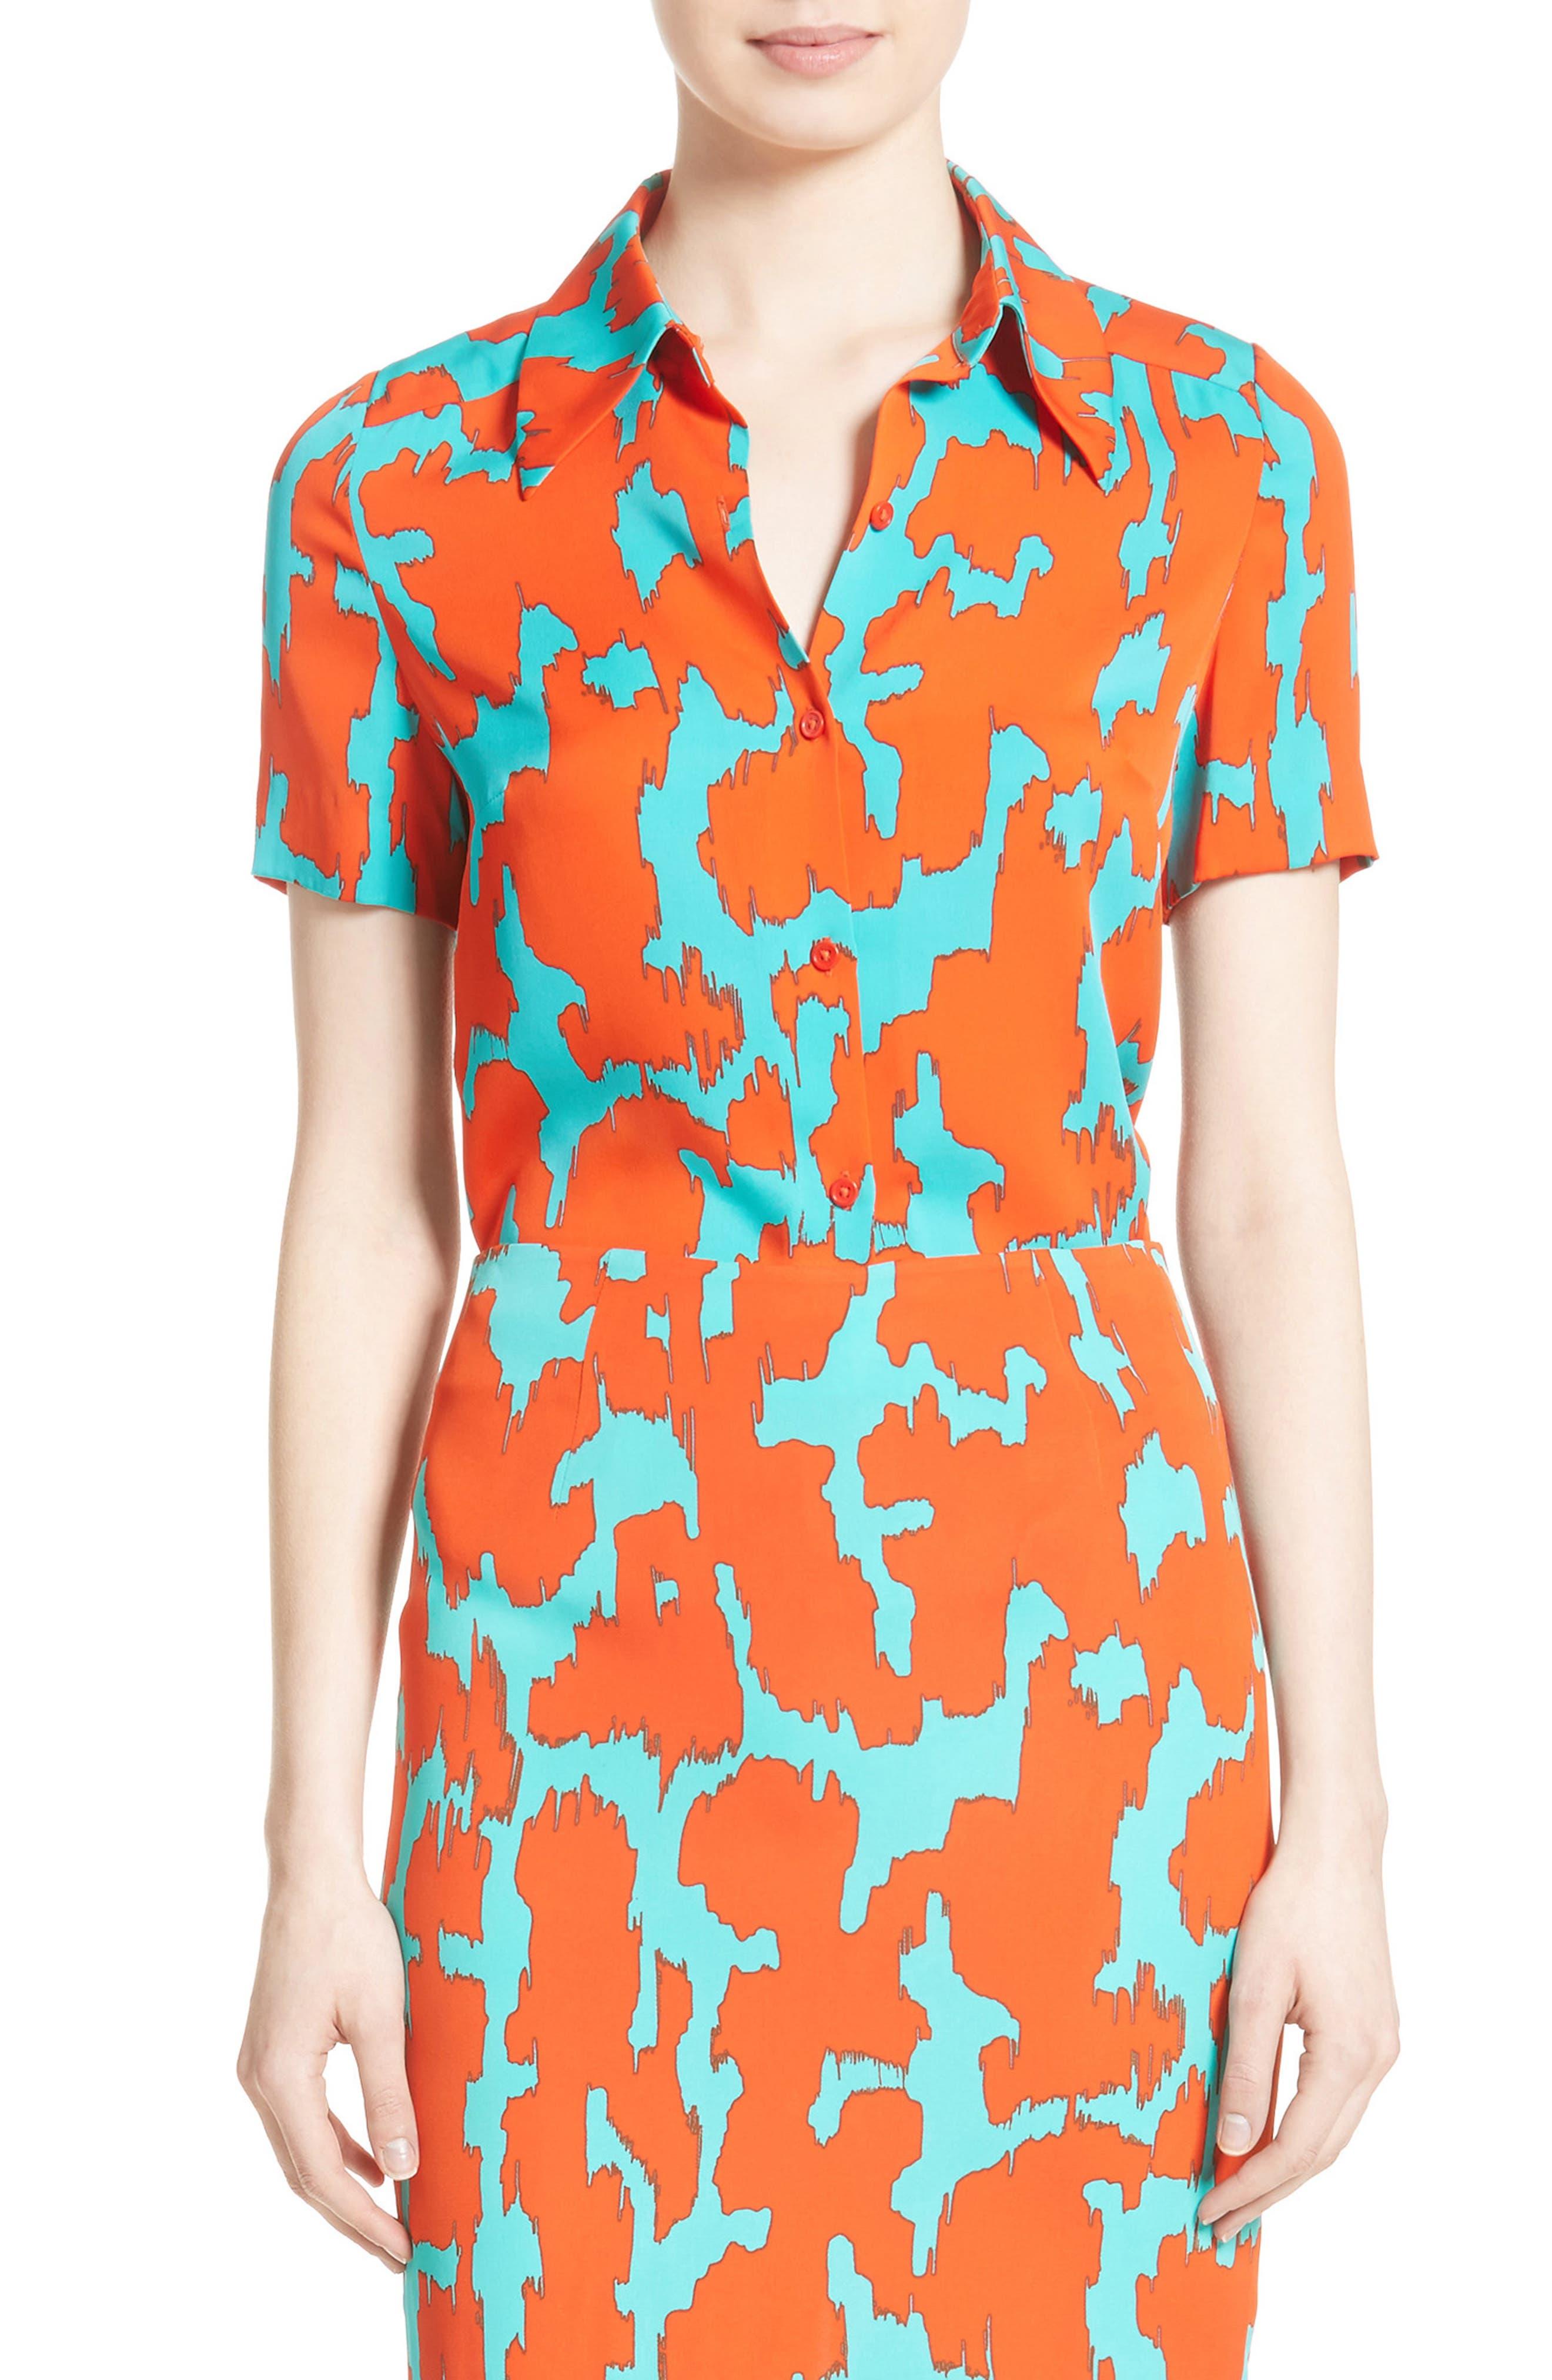 Main Image - Diane von Furstenburg Print Stretch Silk Shirt